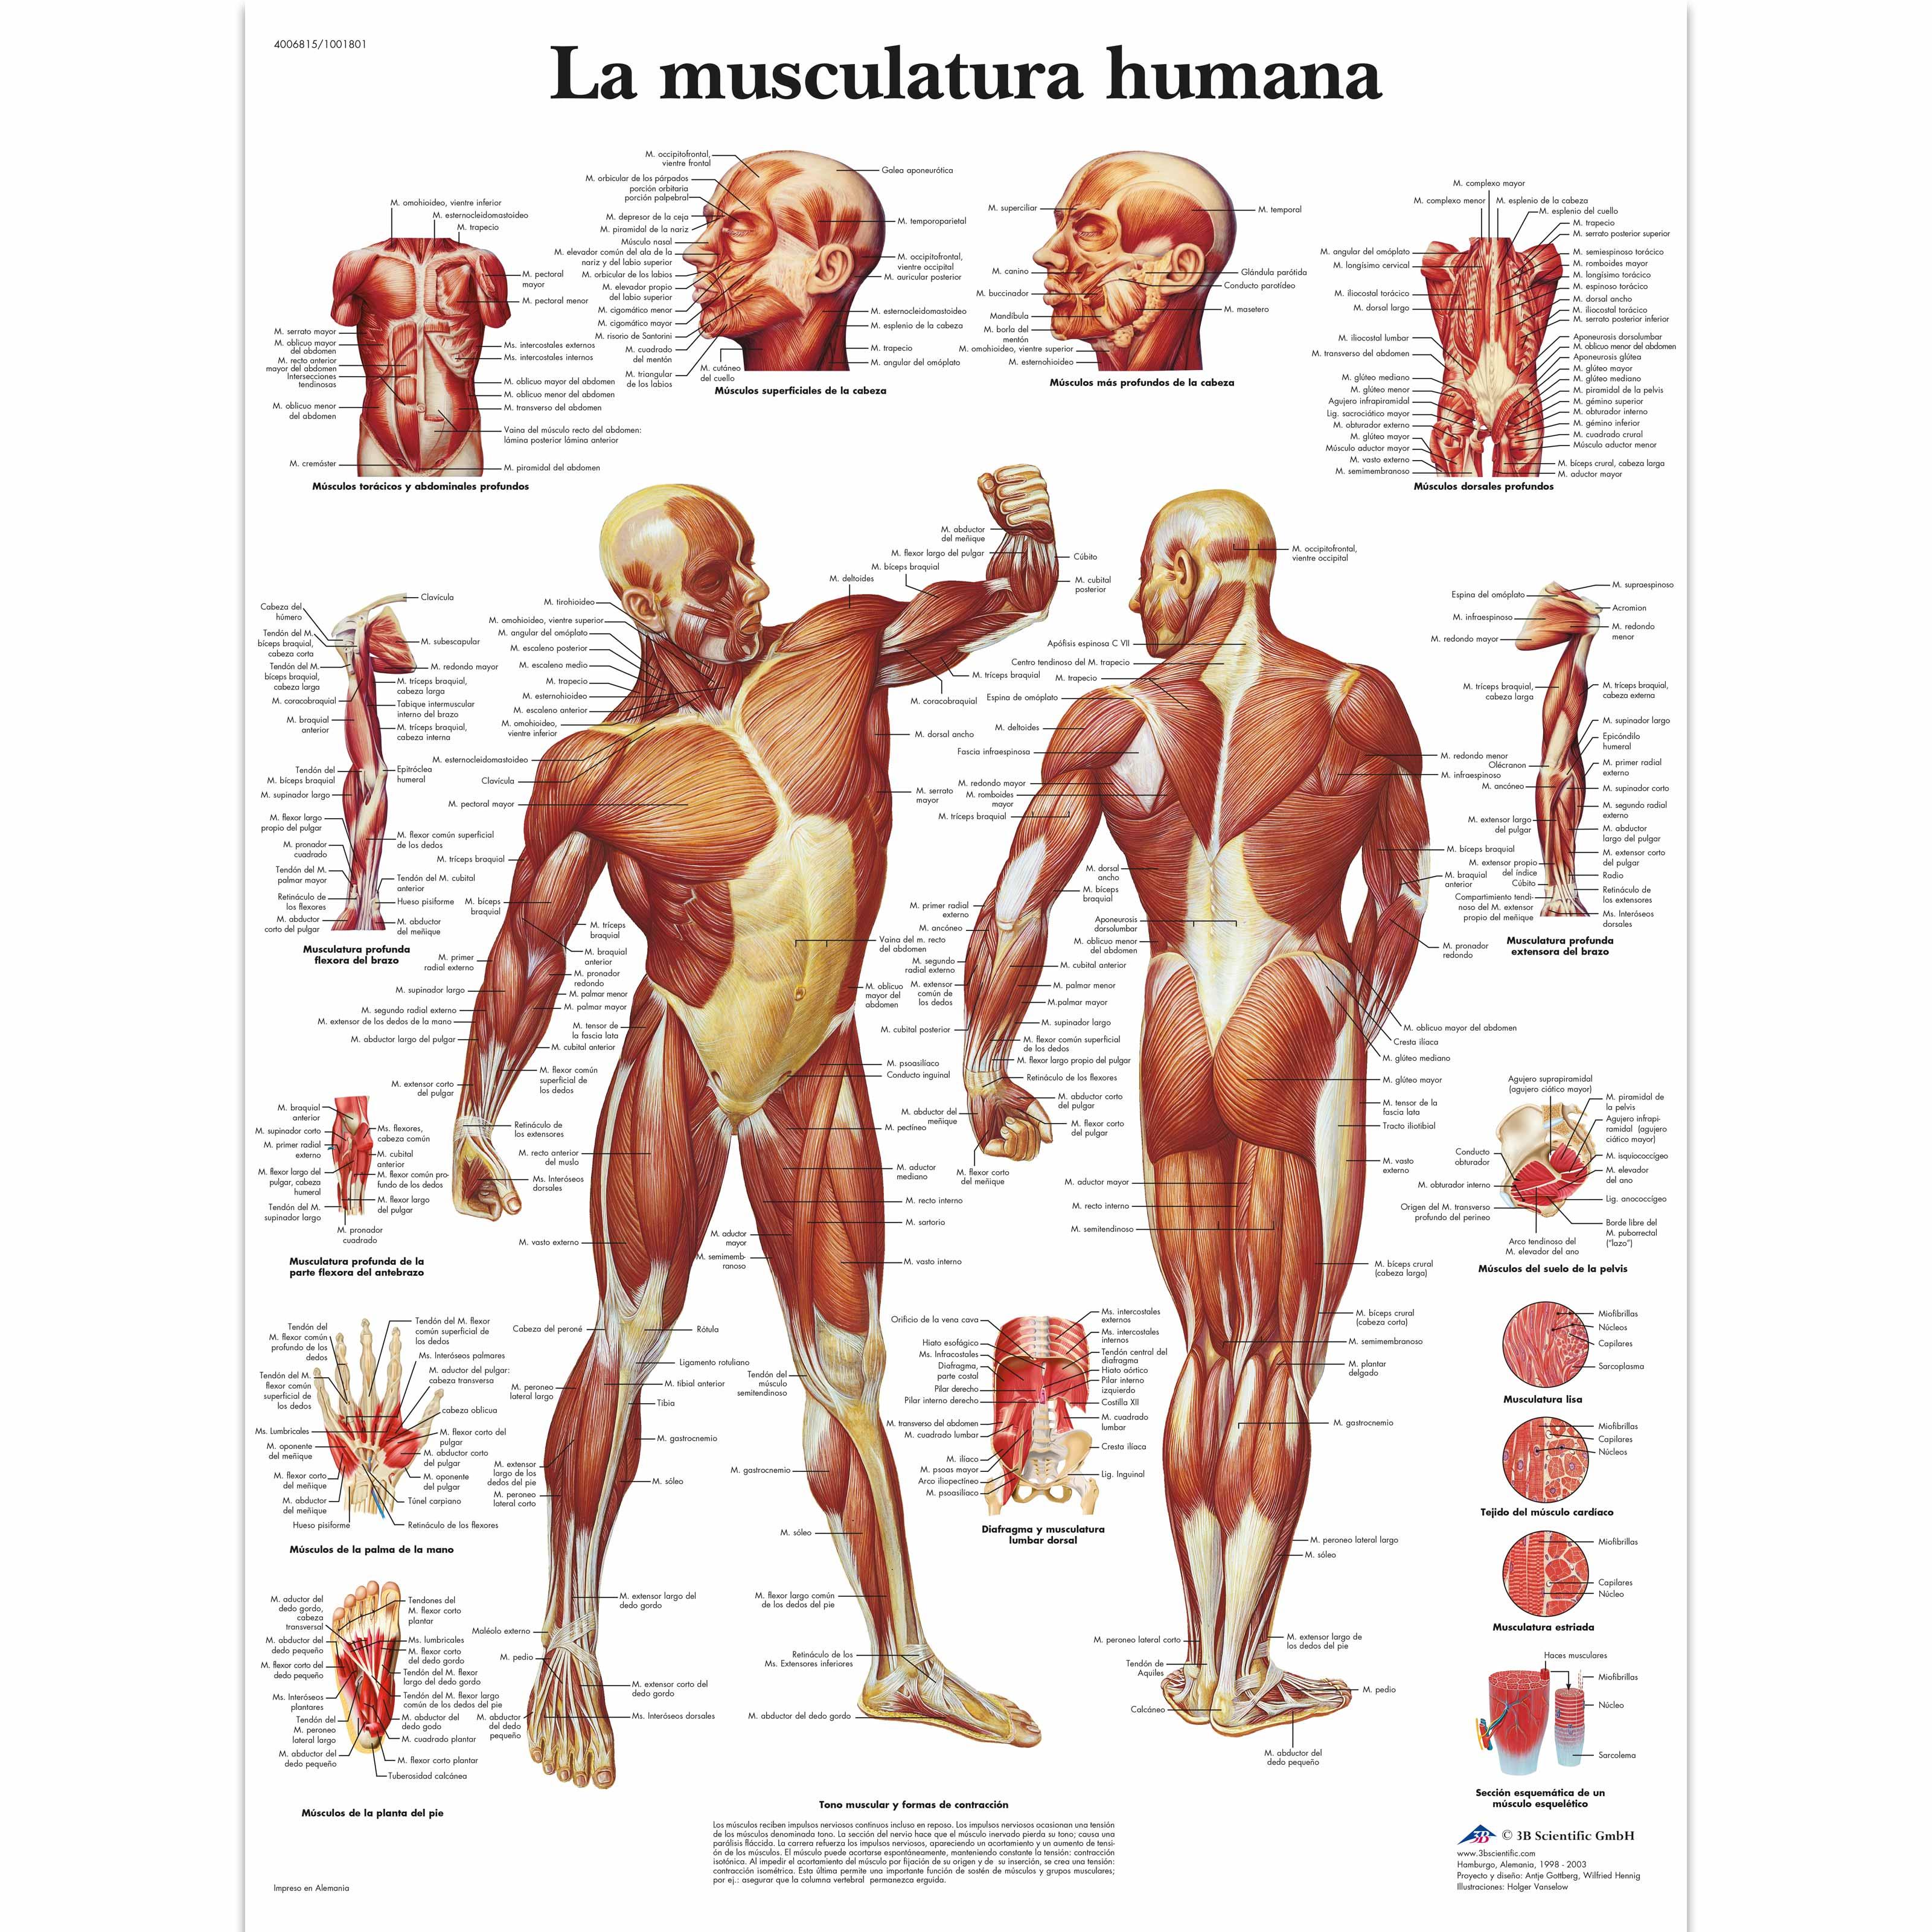 La Musculatura humana - 4006815 - VR3118UU - Muscle - 3B Scientific